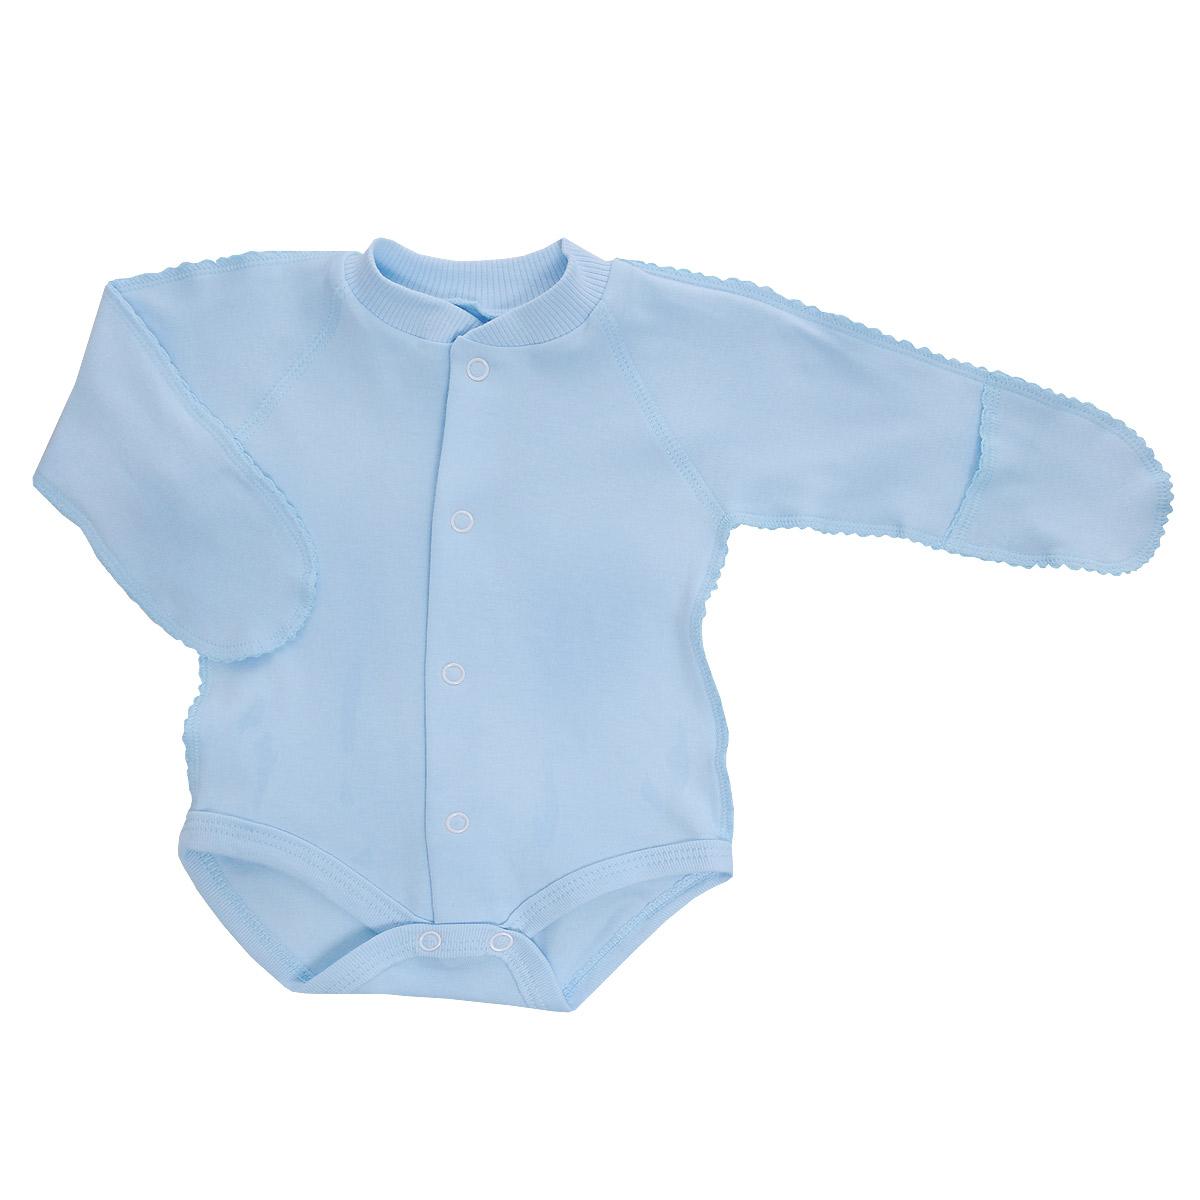 Боди детское. 37-32937-329Детское боди Фреш Стайл идеально подойдет вашему ребенку, обеспечивая ему наибольший комфорт. Боди с длинными рукавами изготовлено из натурального хлопка, благодаря чему оно необычайно мягкое и легкое, не раздражает нежную кожу ребенка и хорошо вентилируется. Боди, выполненное швами наружу, не сковывает движения, а удобные застежки-кнопки по всей длине и на ластовице помогают легко переодеть ребенка. Благодаря рукавичкам ребенок не поцарапает себя. Современный дизайн и яркая расцветка делают боди оригинальным и стильным предметом детского гардероба. В нем ваш ребенок всегда будет в центре внимания.